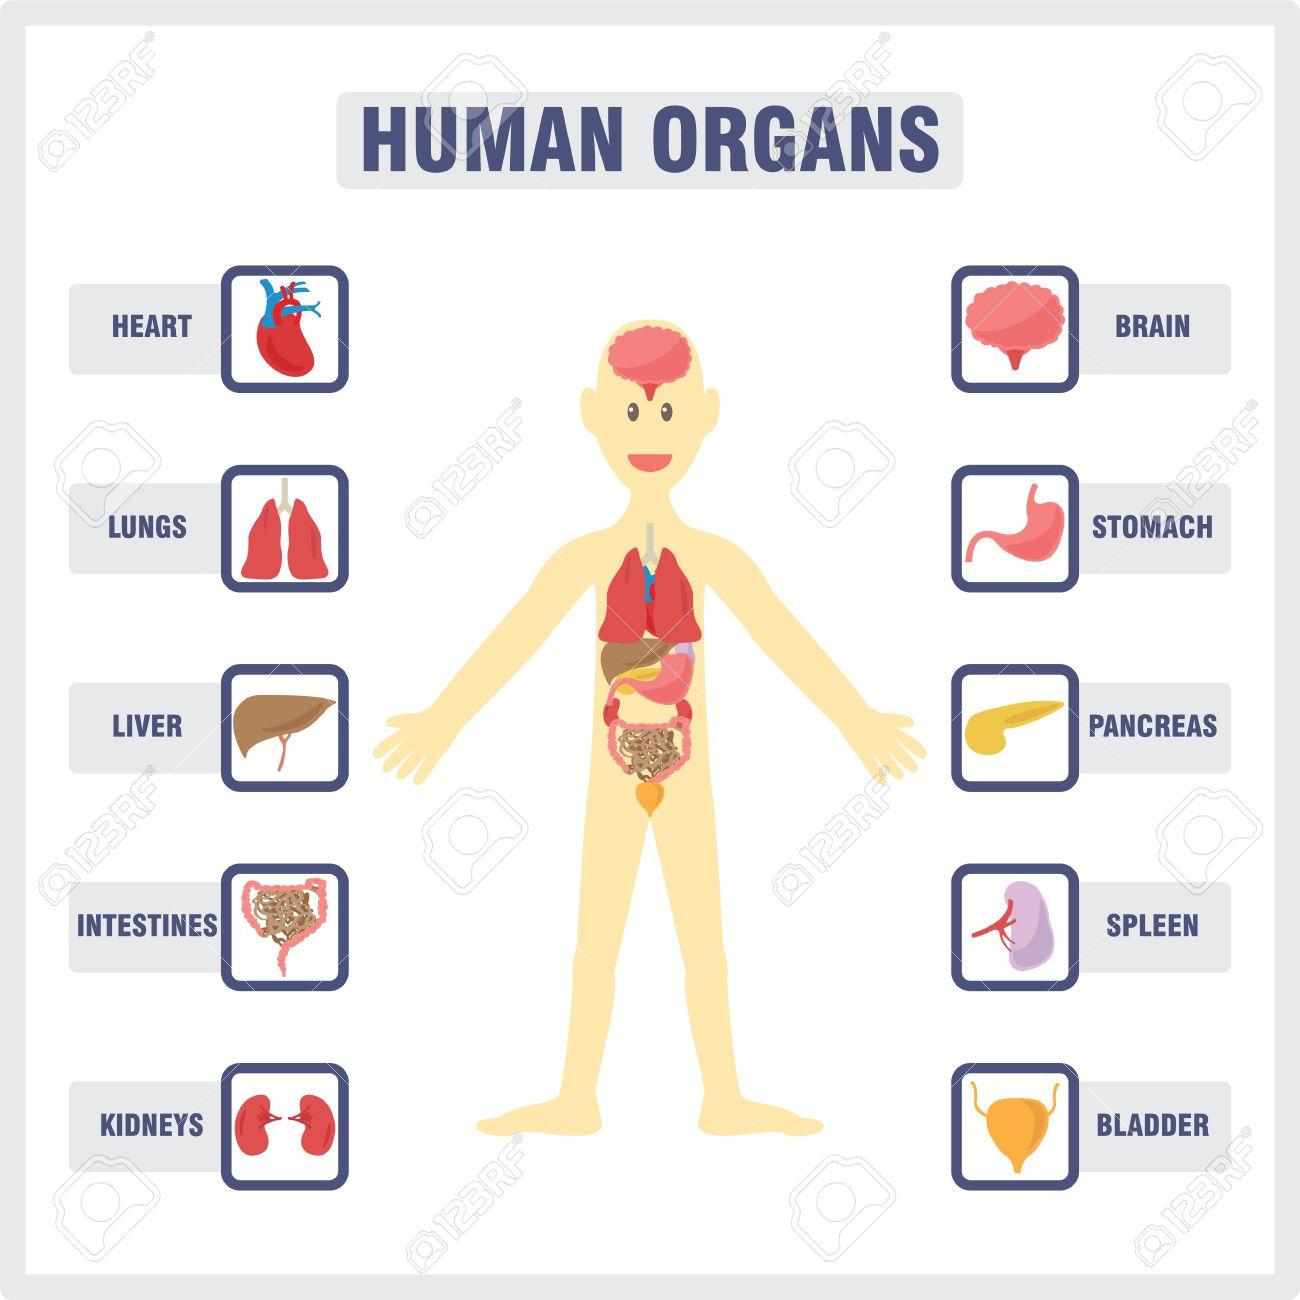 Del Cuerpo Humano Y Los órganos Internos Ilustraciones Vectoriales ...